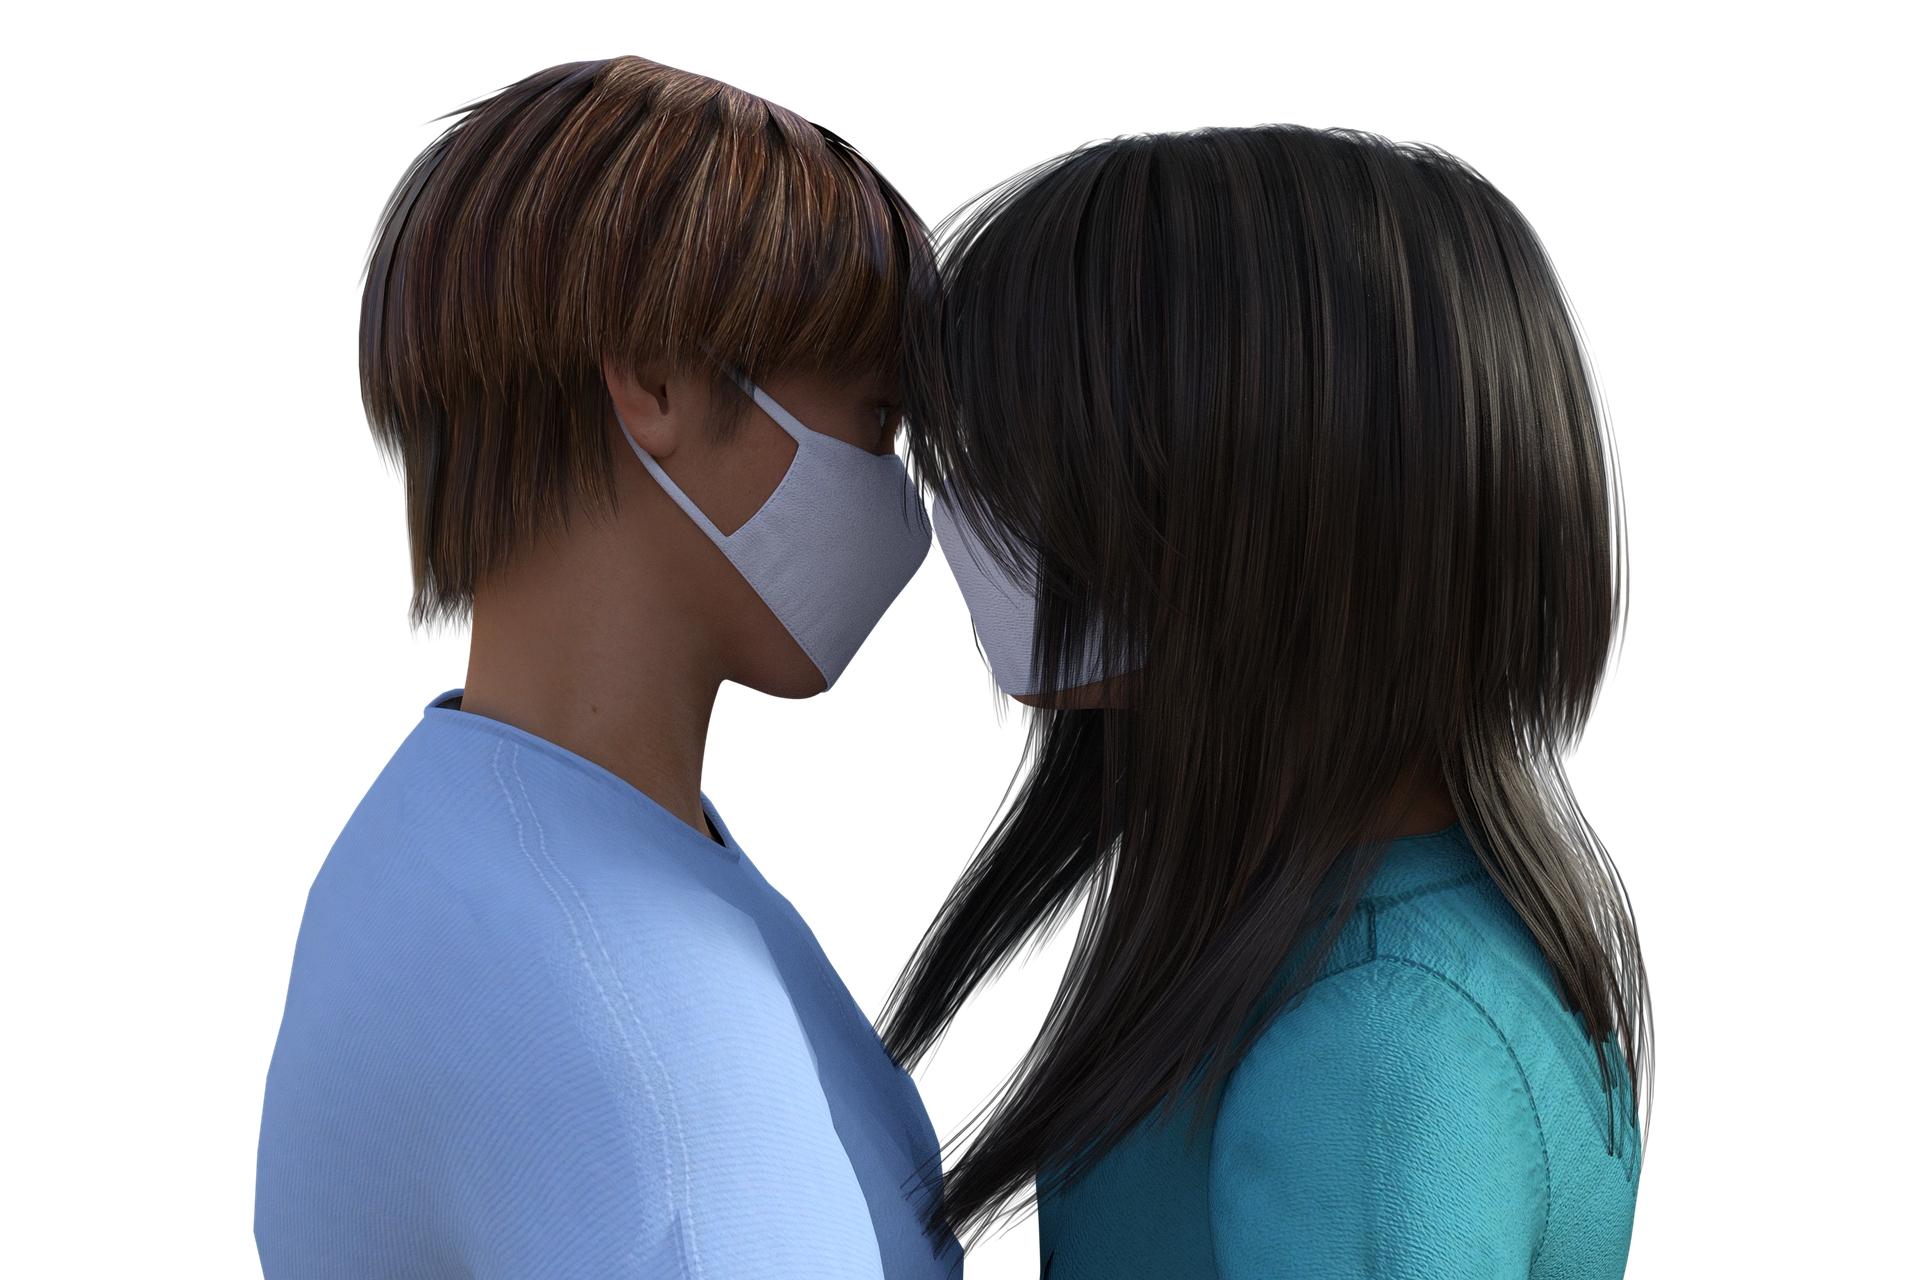 זוג במסיכות מתנשק 🖼️ TheDigitalArtist